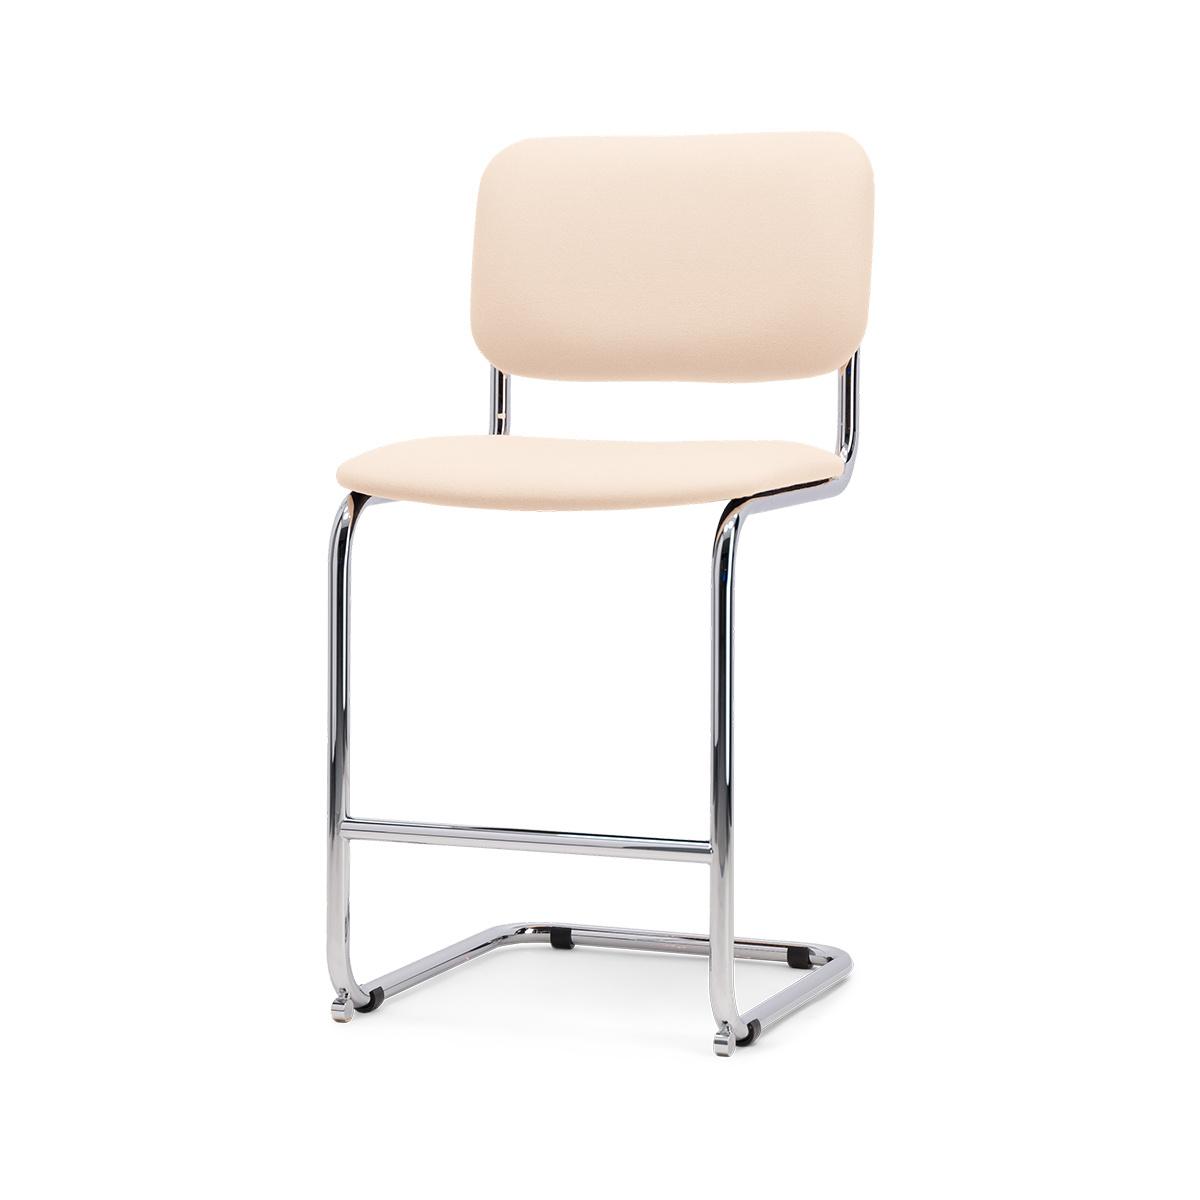 blanc crème en The Chaise haute feutre Classica KT1FlJuc3